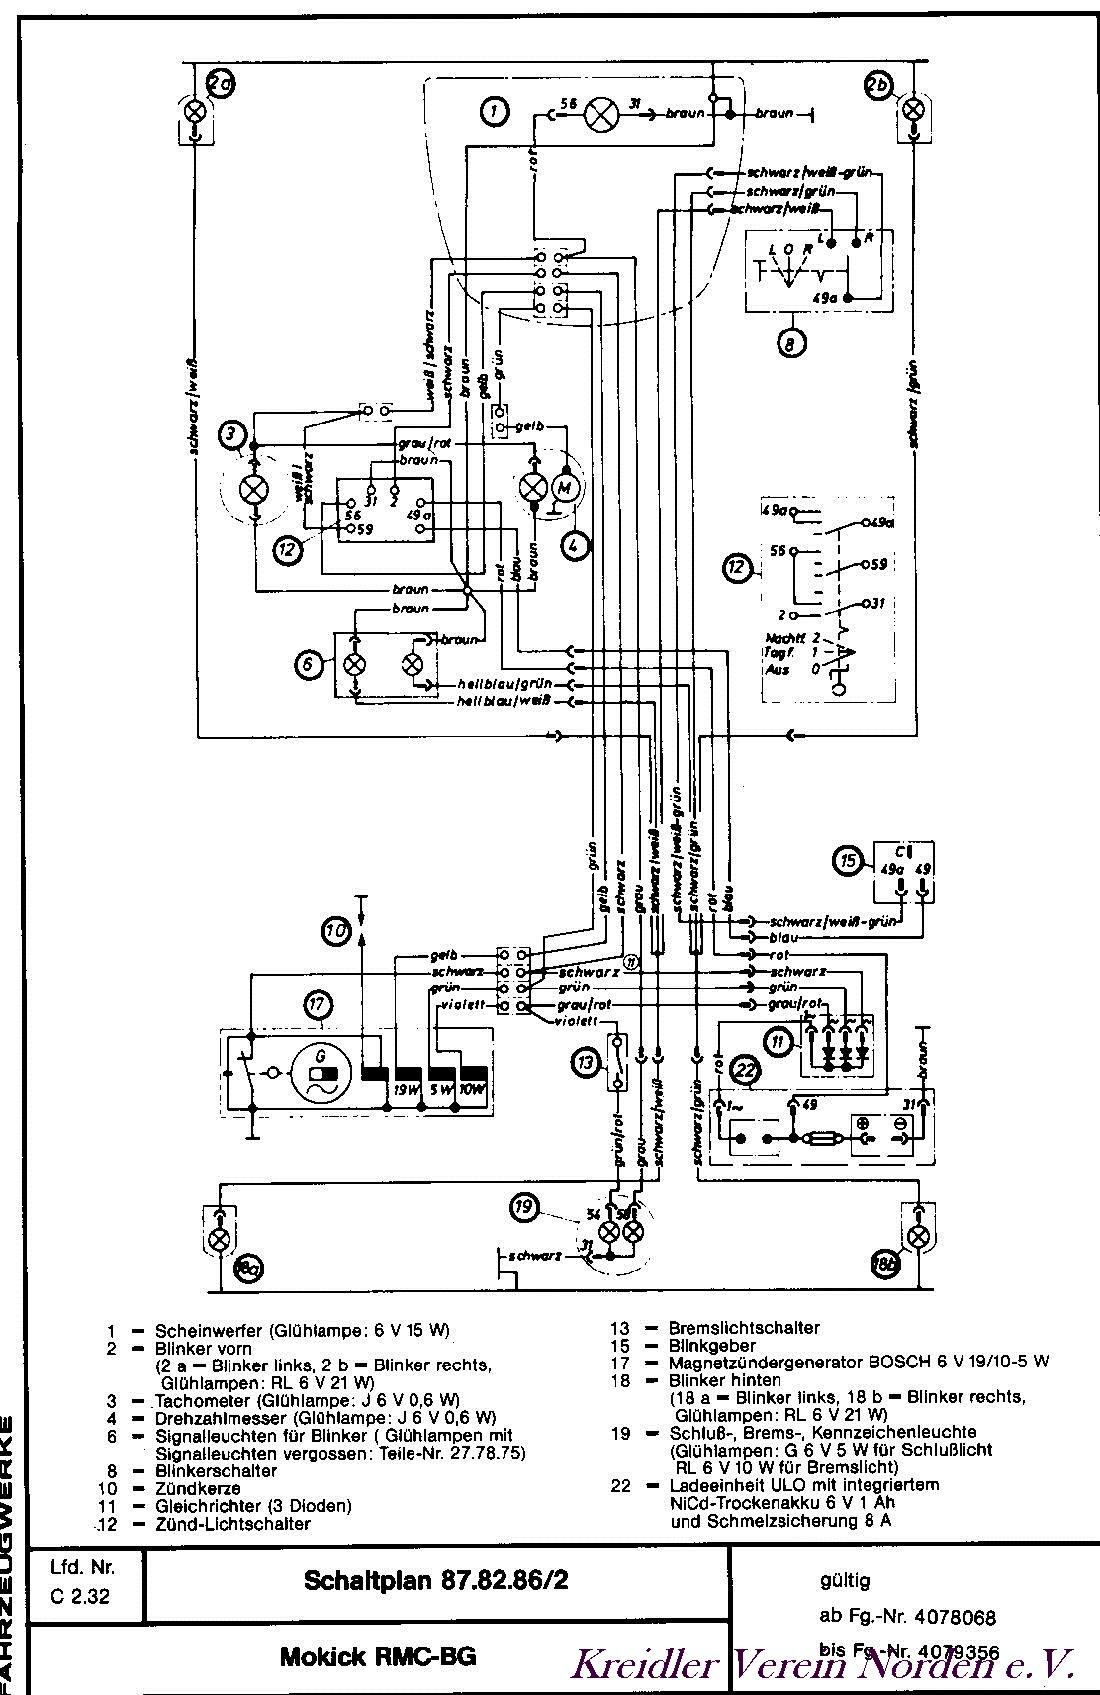 Tolle 1975 Mustang Zündung Schaltplan Zeitgenössisch - Elektrische ...